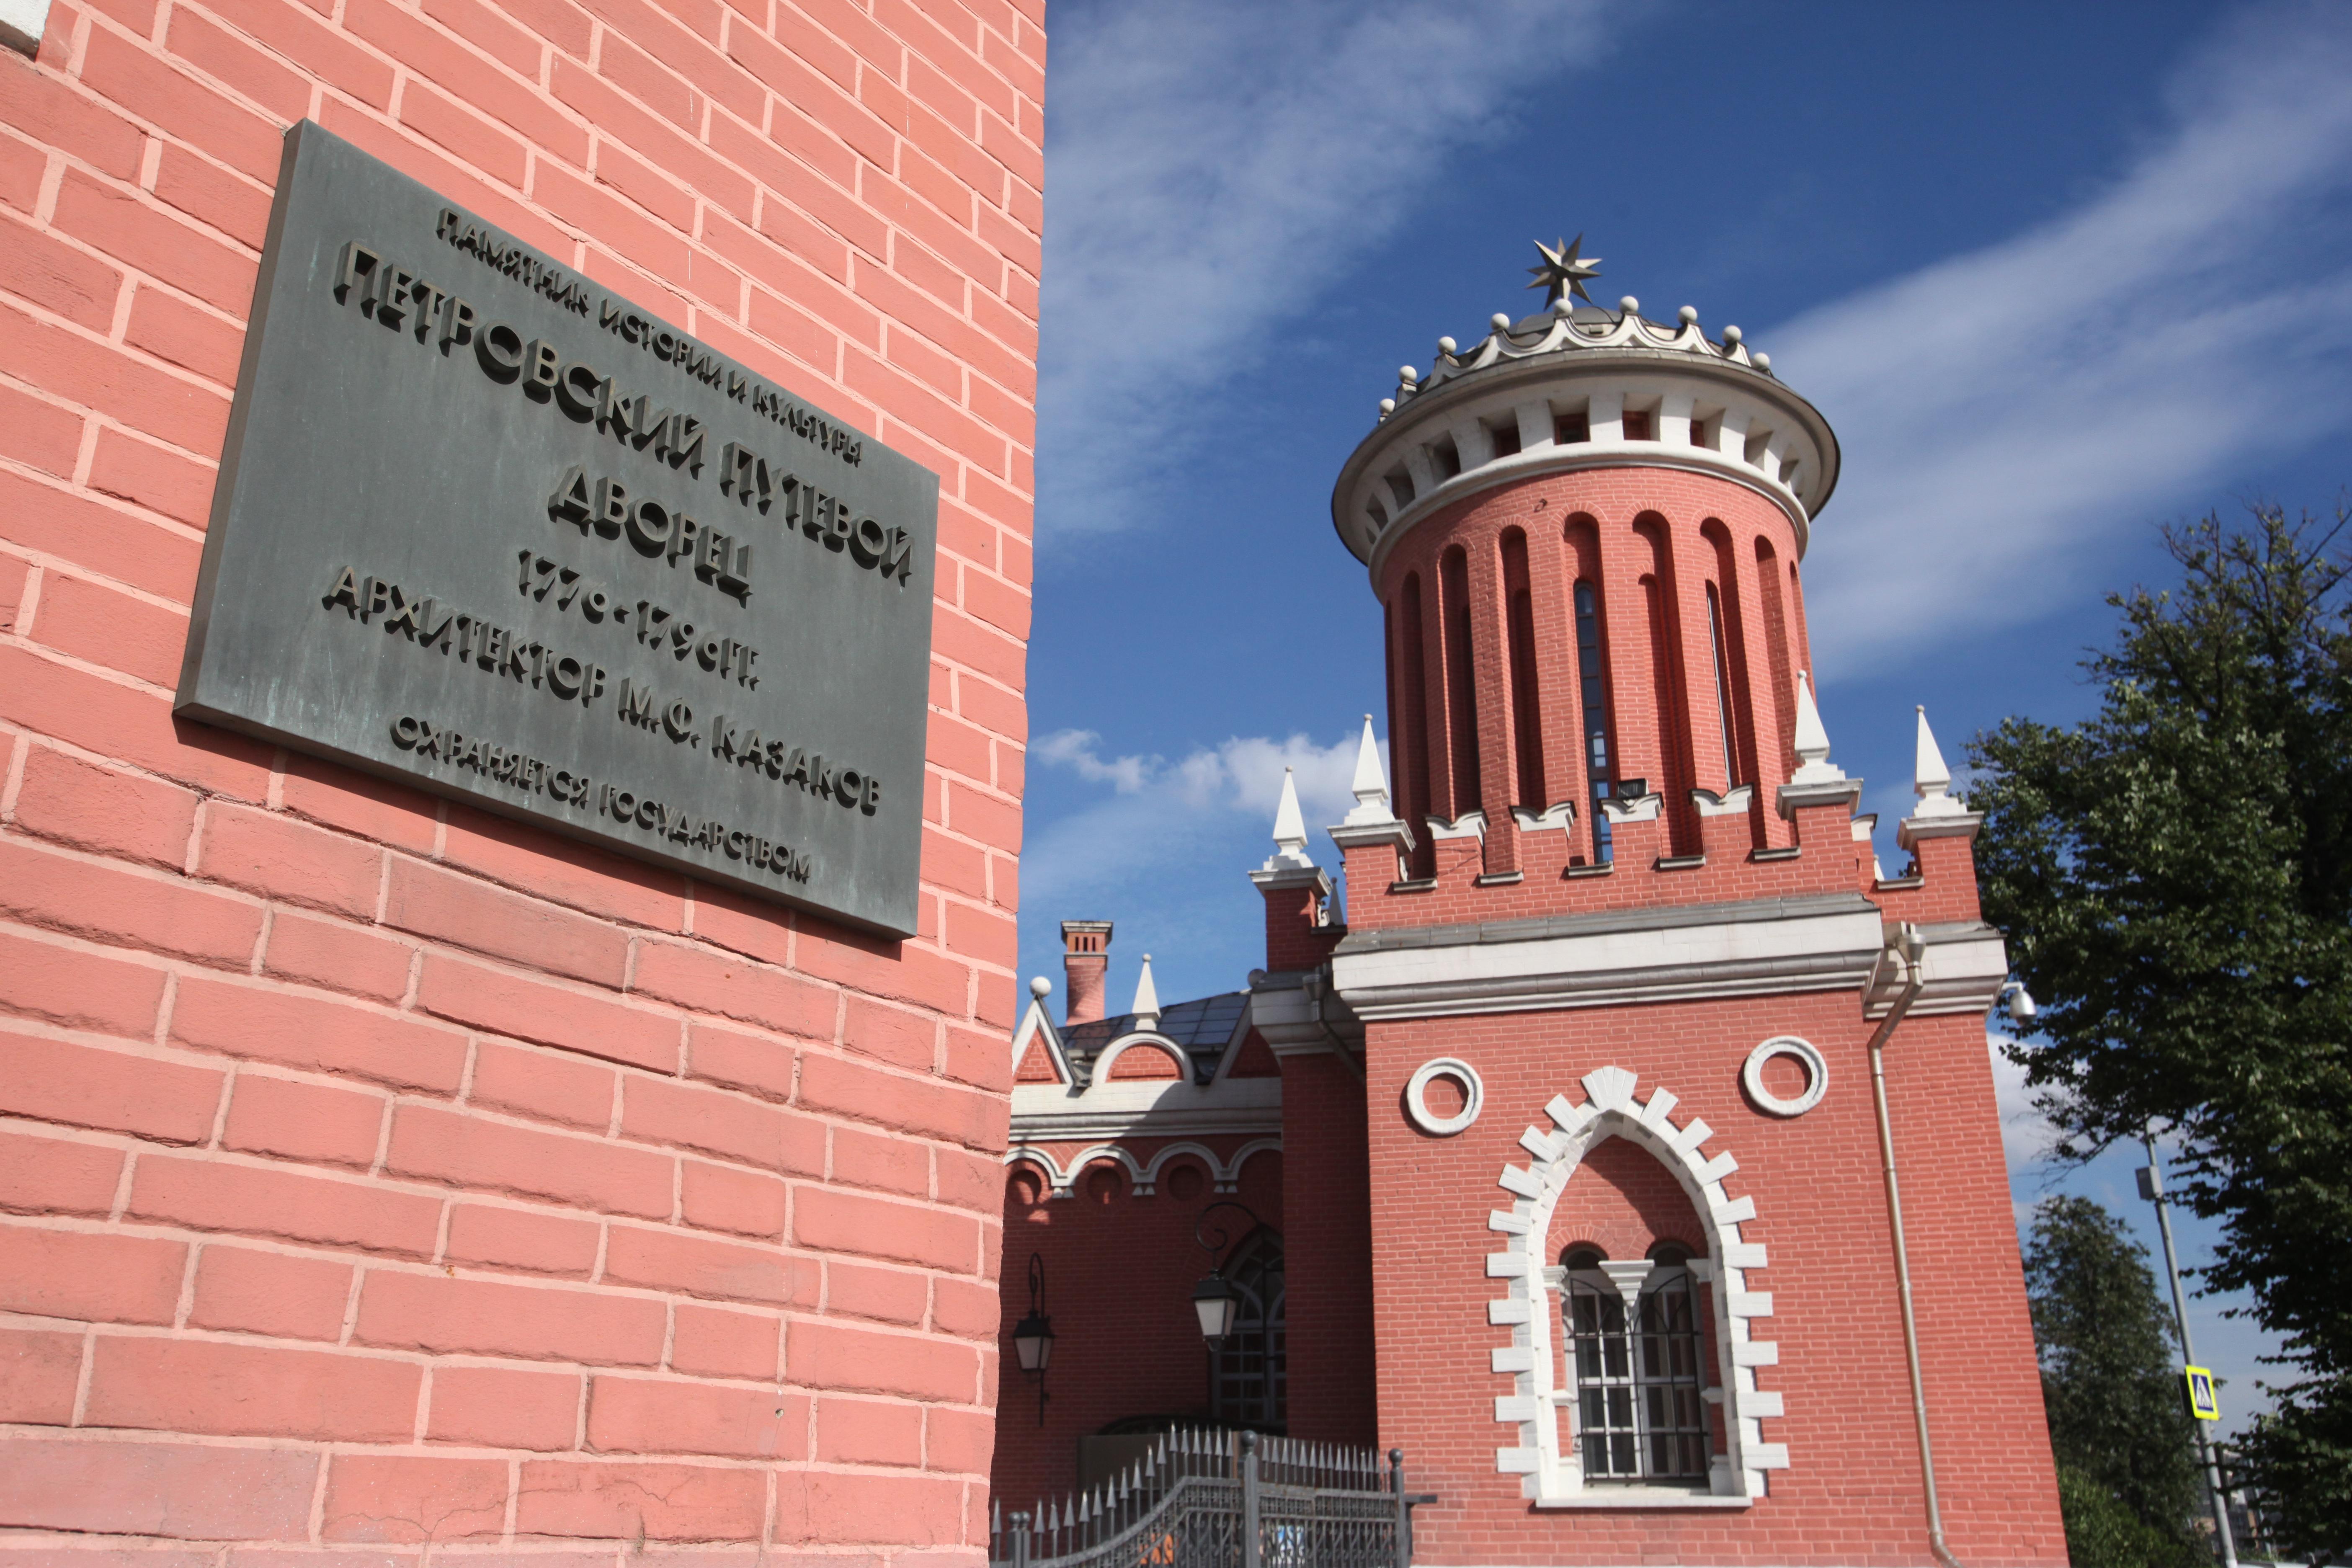 Памятная табличка и башня Петровского путевого дворца на тверском тракте